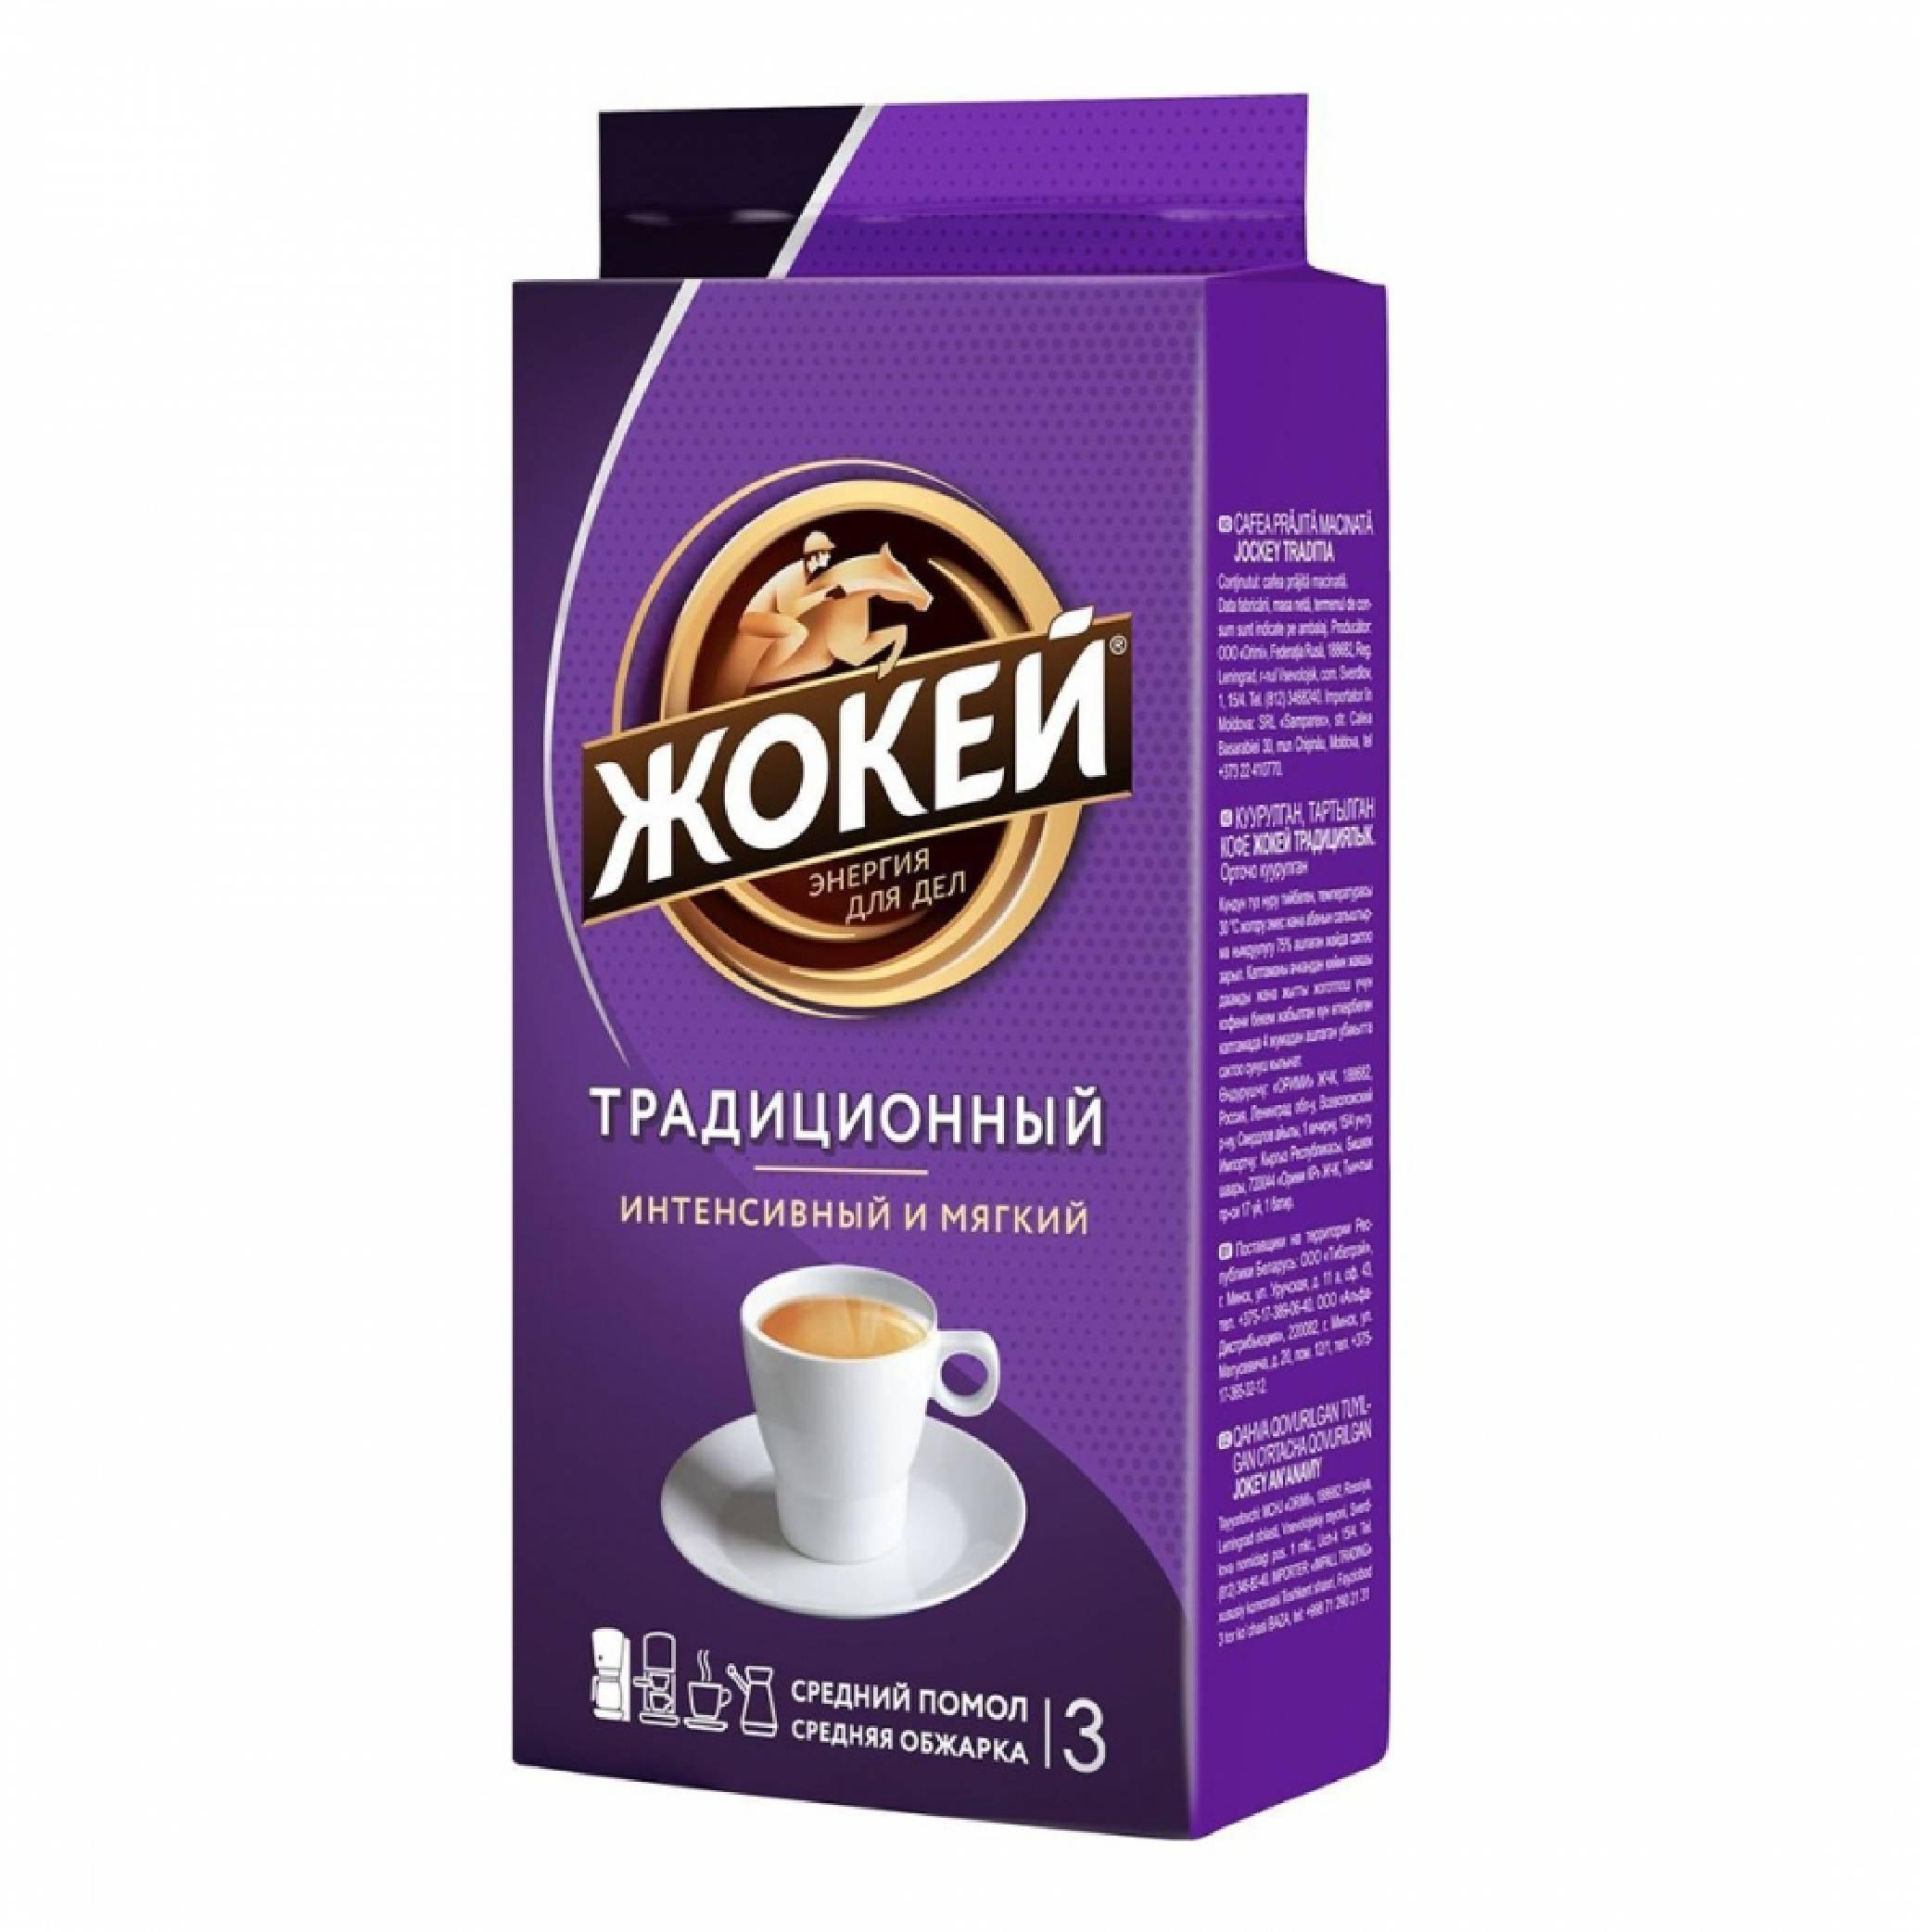 Никогда не покупайте этот кофе! 7 худших марок 2021 года: фото, обзор и вред для здоровья